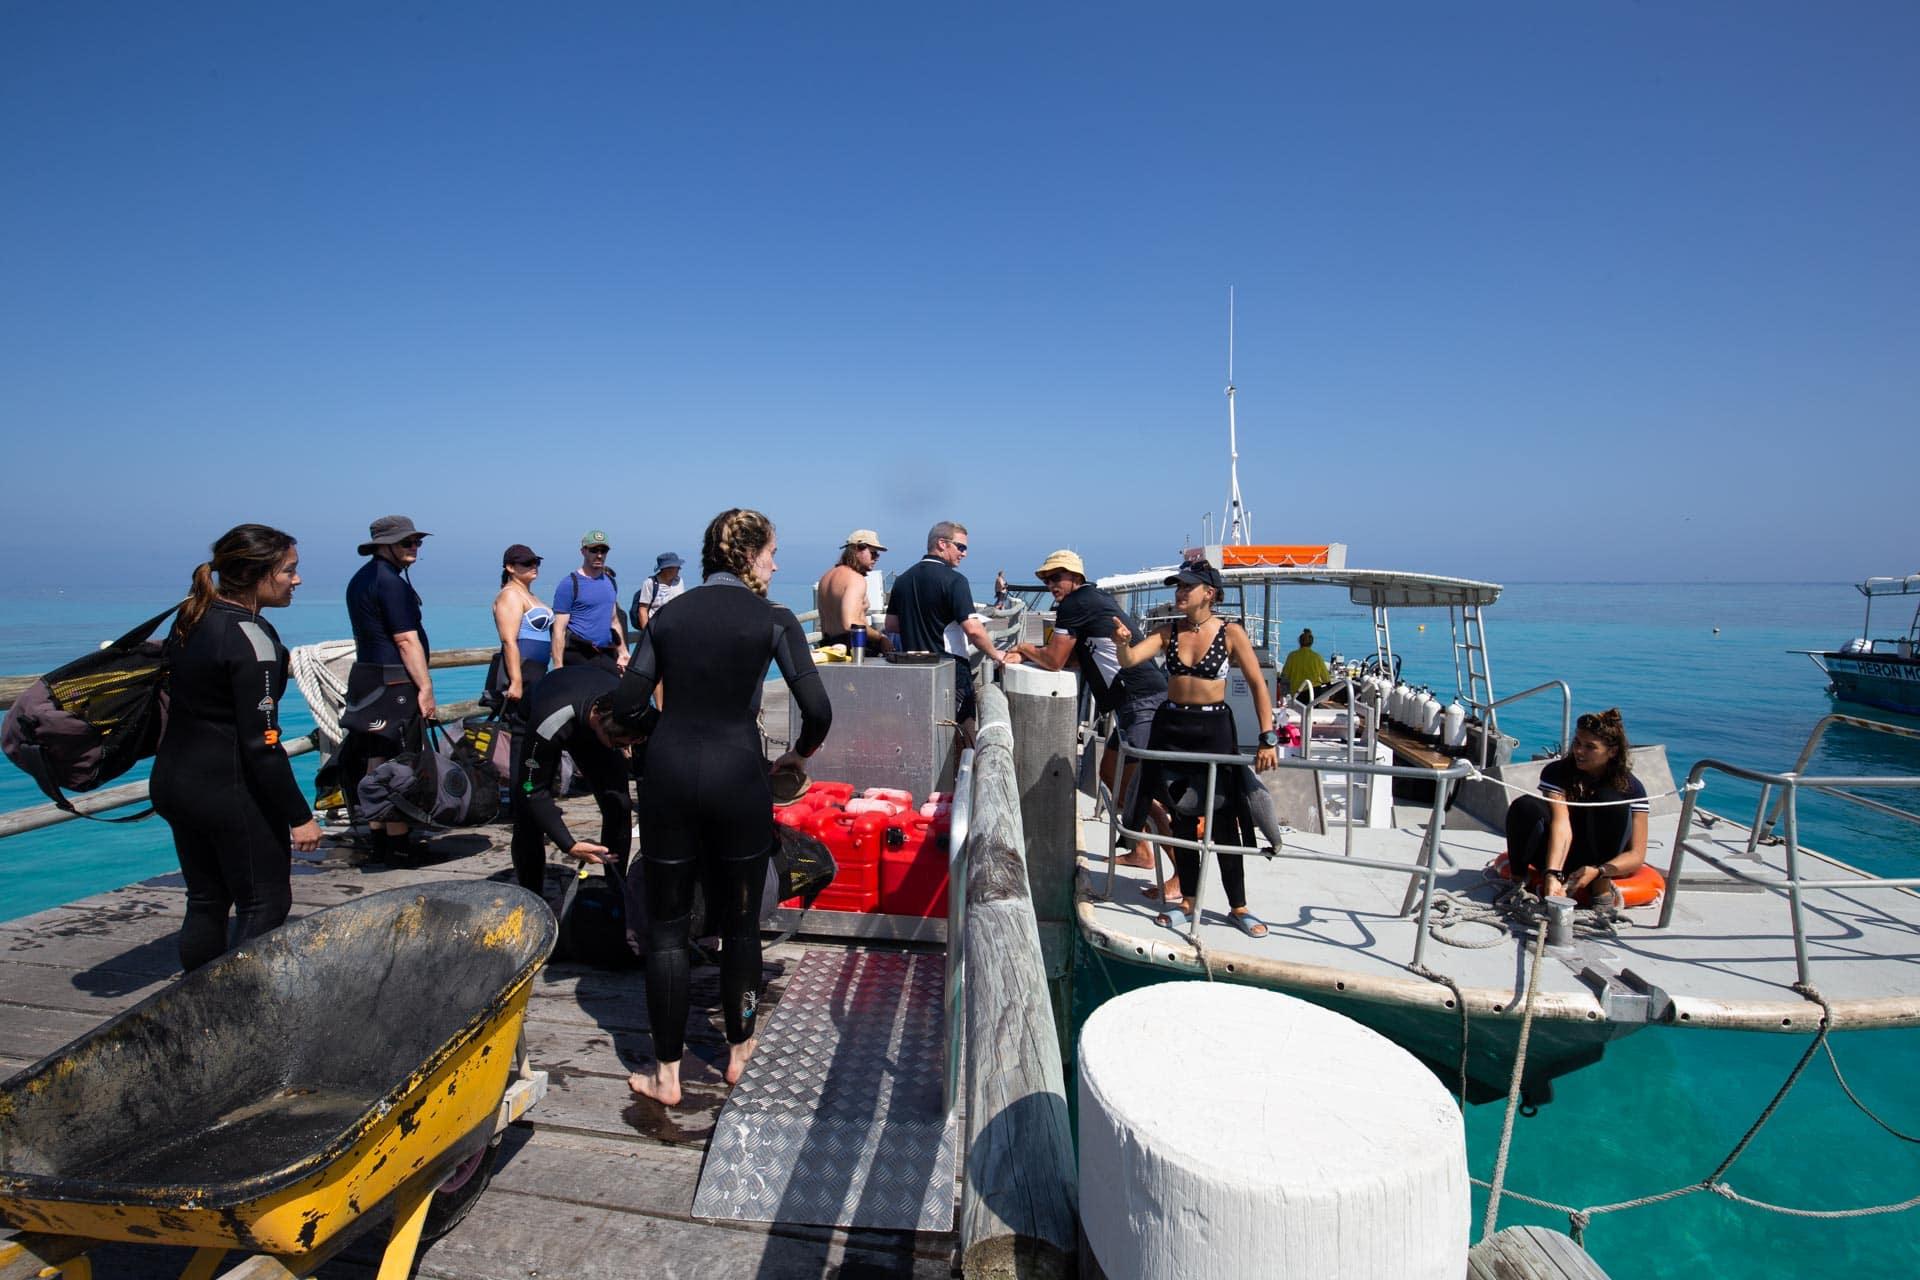 heron-island-great-barrier-reef-14